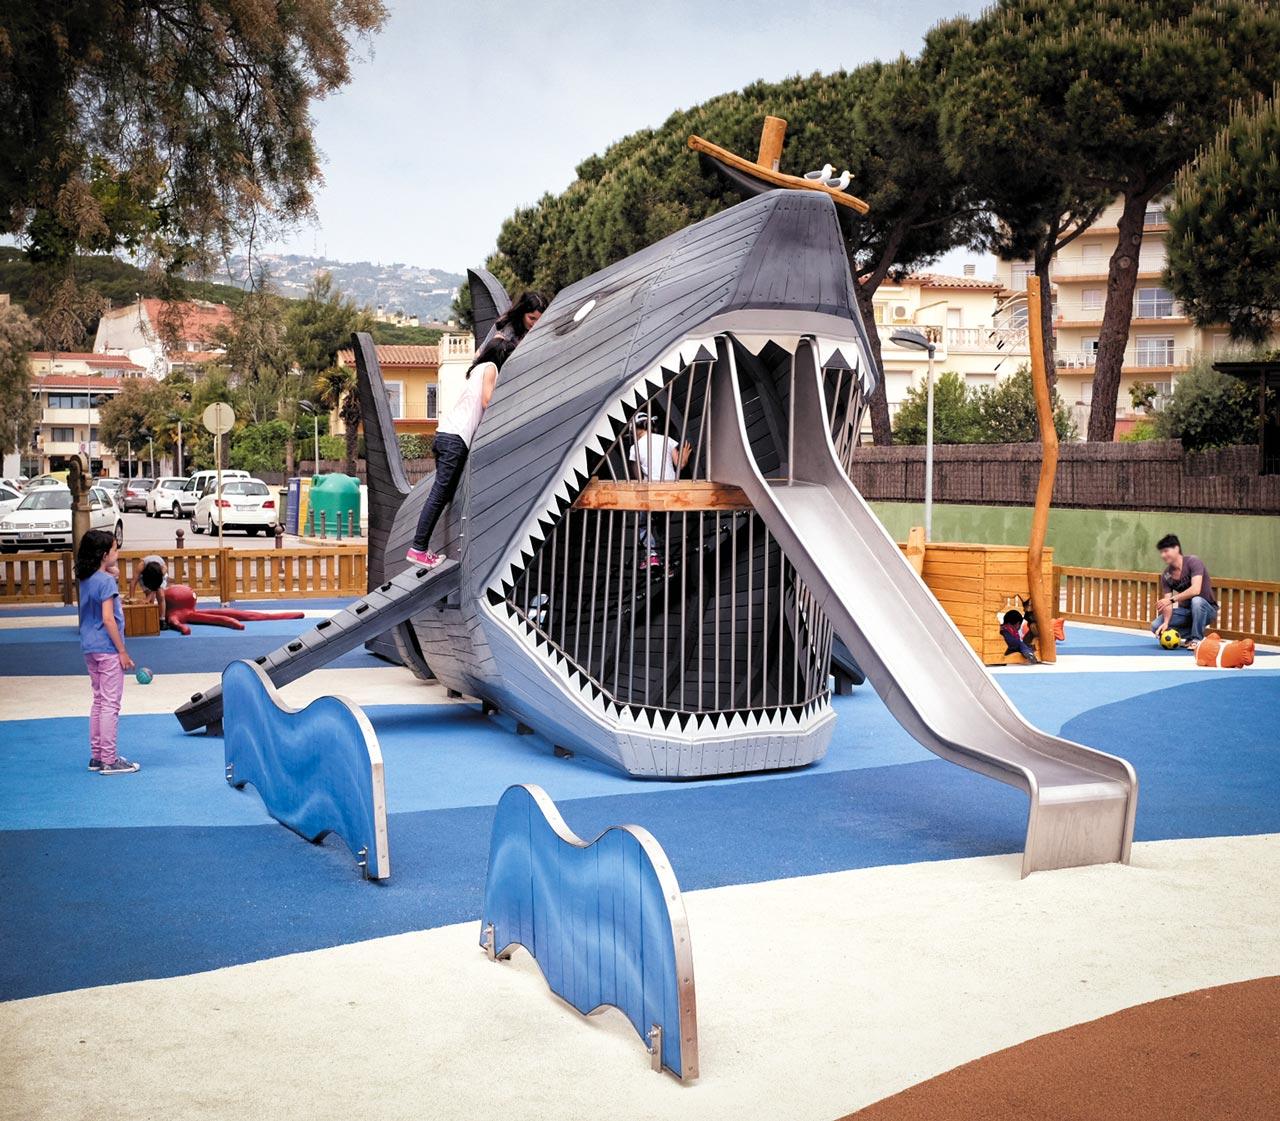 Spielplatz Haifisch, Girona, Spanien